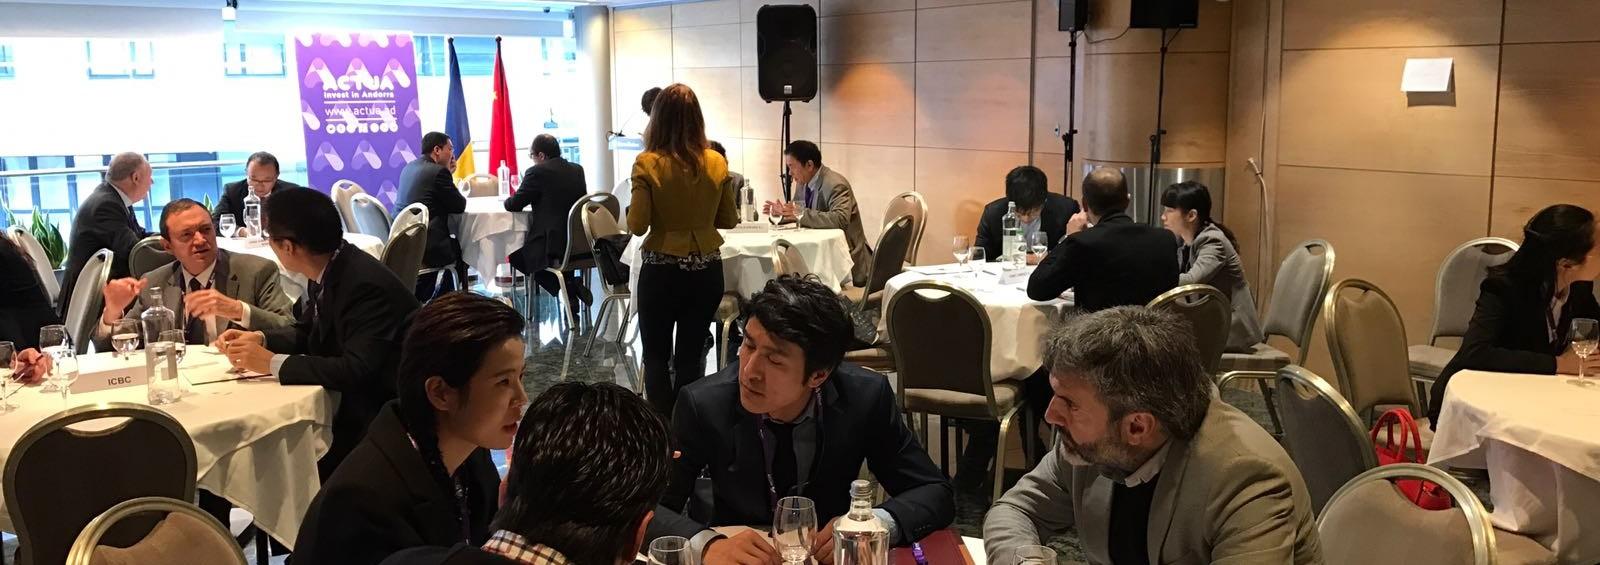 Participa en la jornada empresarial China-Andorra que organiza Actua el 1 de julio